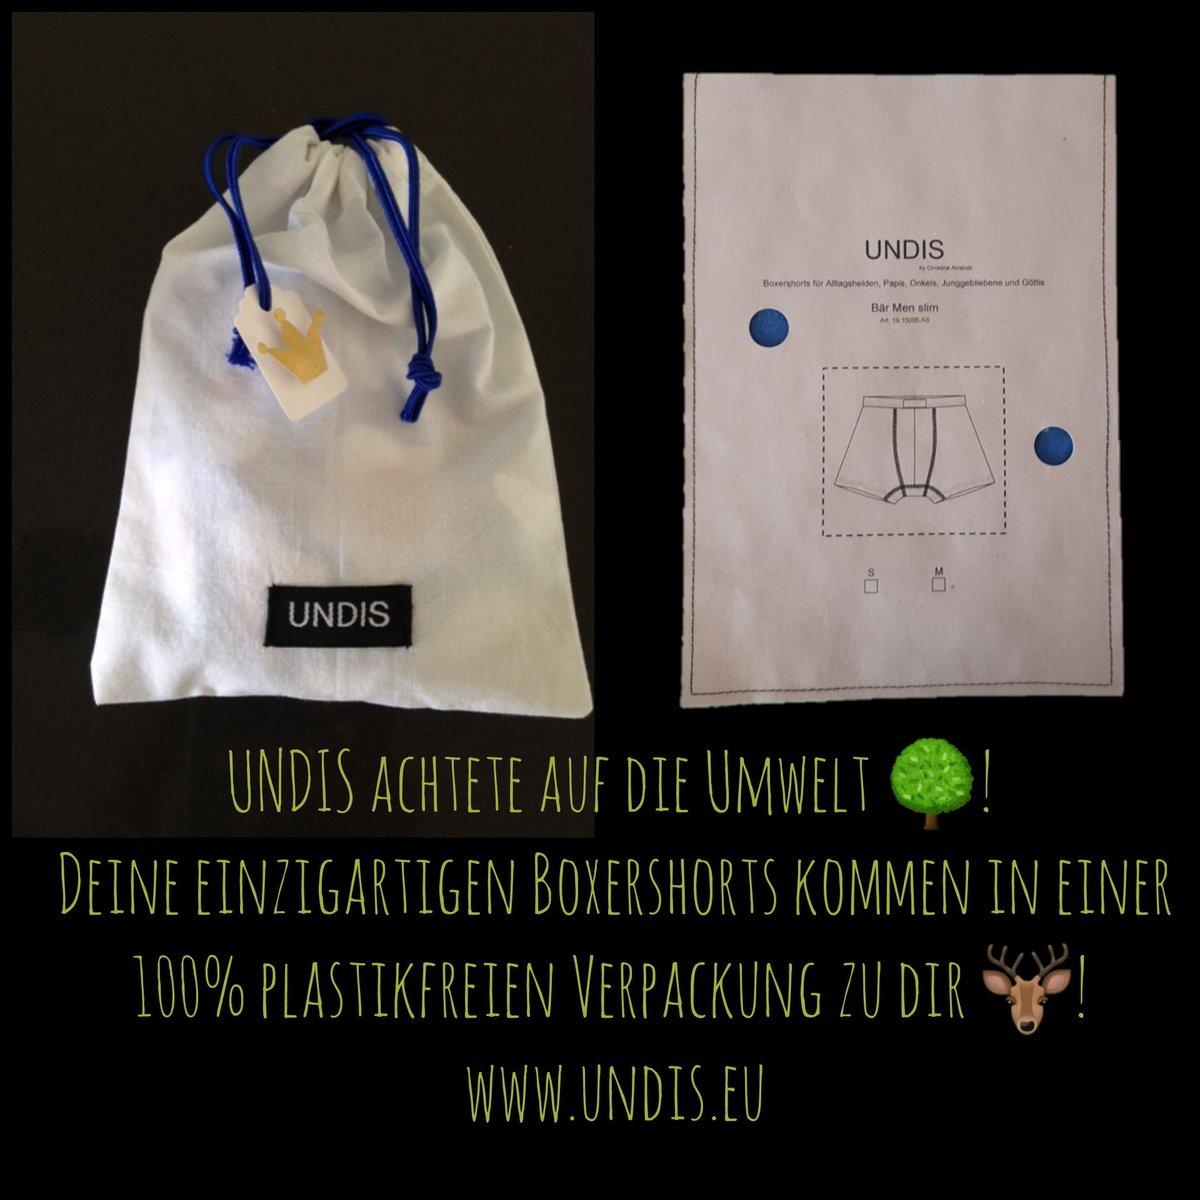 Die Umwelt liegt uns am Herzen🌳❤! Aus diesem Grund verzichten wir auf Plastik bei unseren Verpackungen 🦌! http://www.undis.eu #hamburg #schweiz #zurich #basel #bern #swissmade #deutschland #österreich #nürnberg #augsburg #tessin #geneva #aarau #erfurt #leipzig #wien